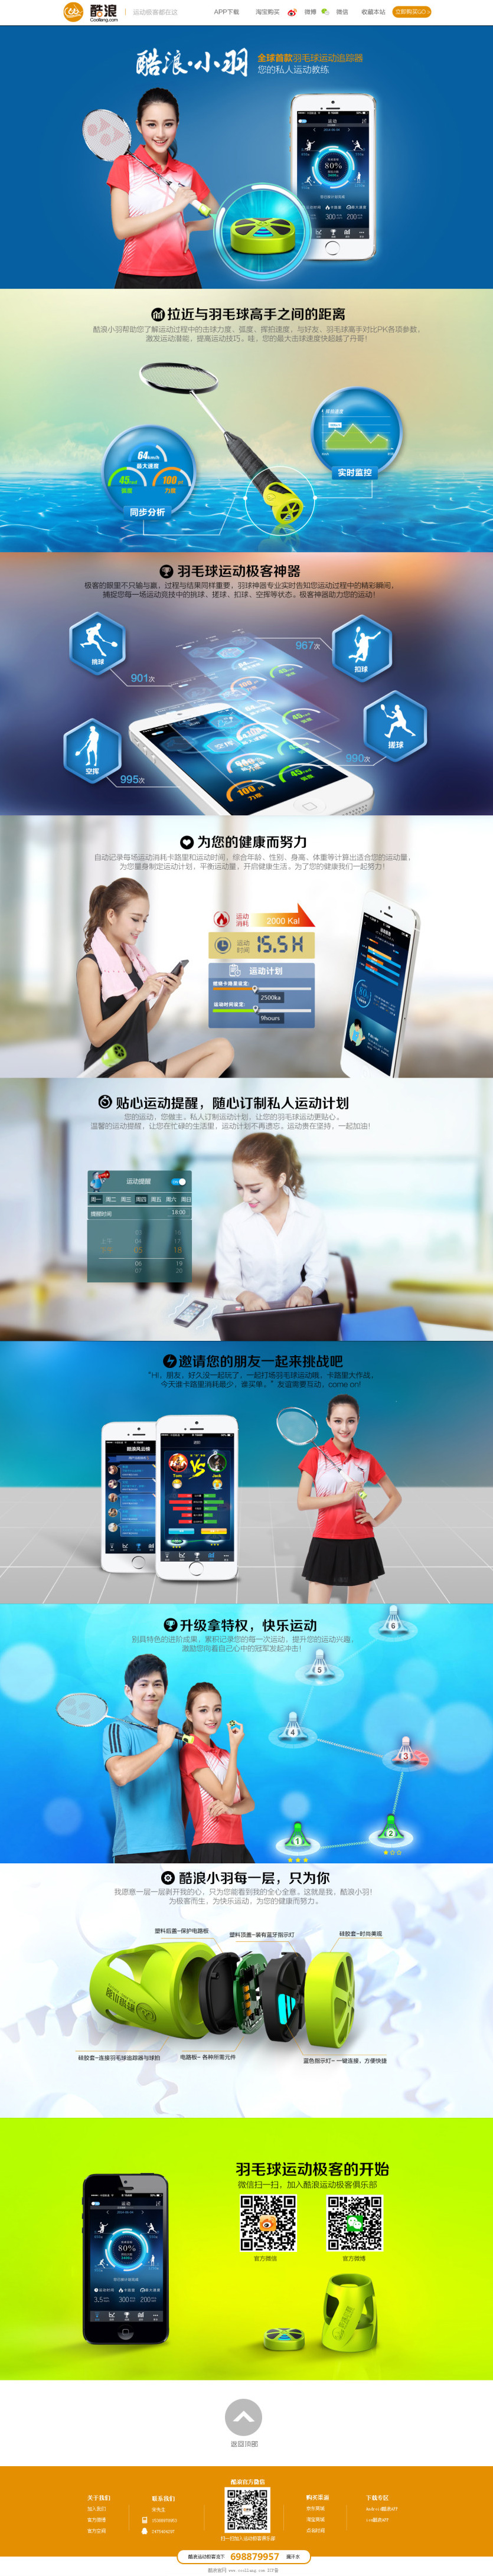 智能羽毛球科技产品官网首页设计|电子商务/商城